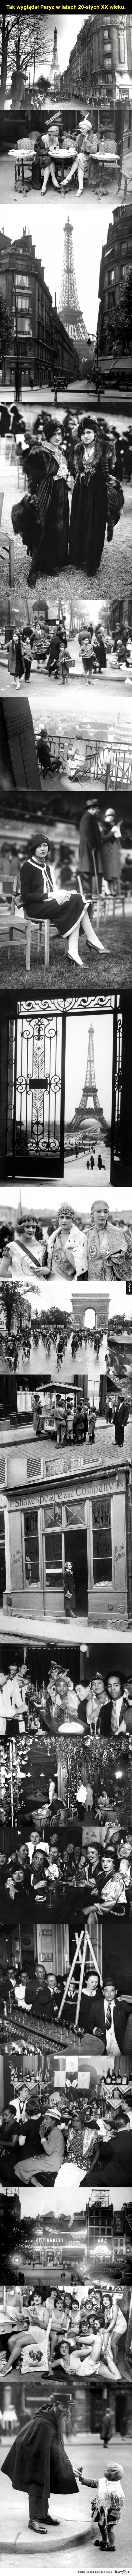 Dawno temu w Paryżu...